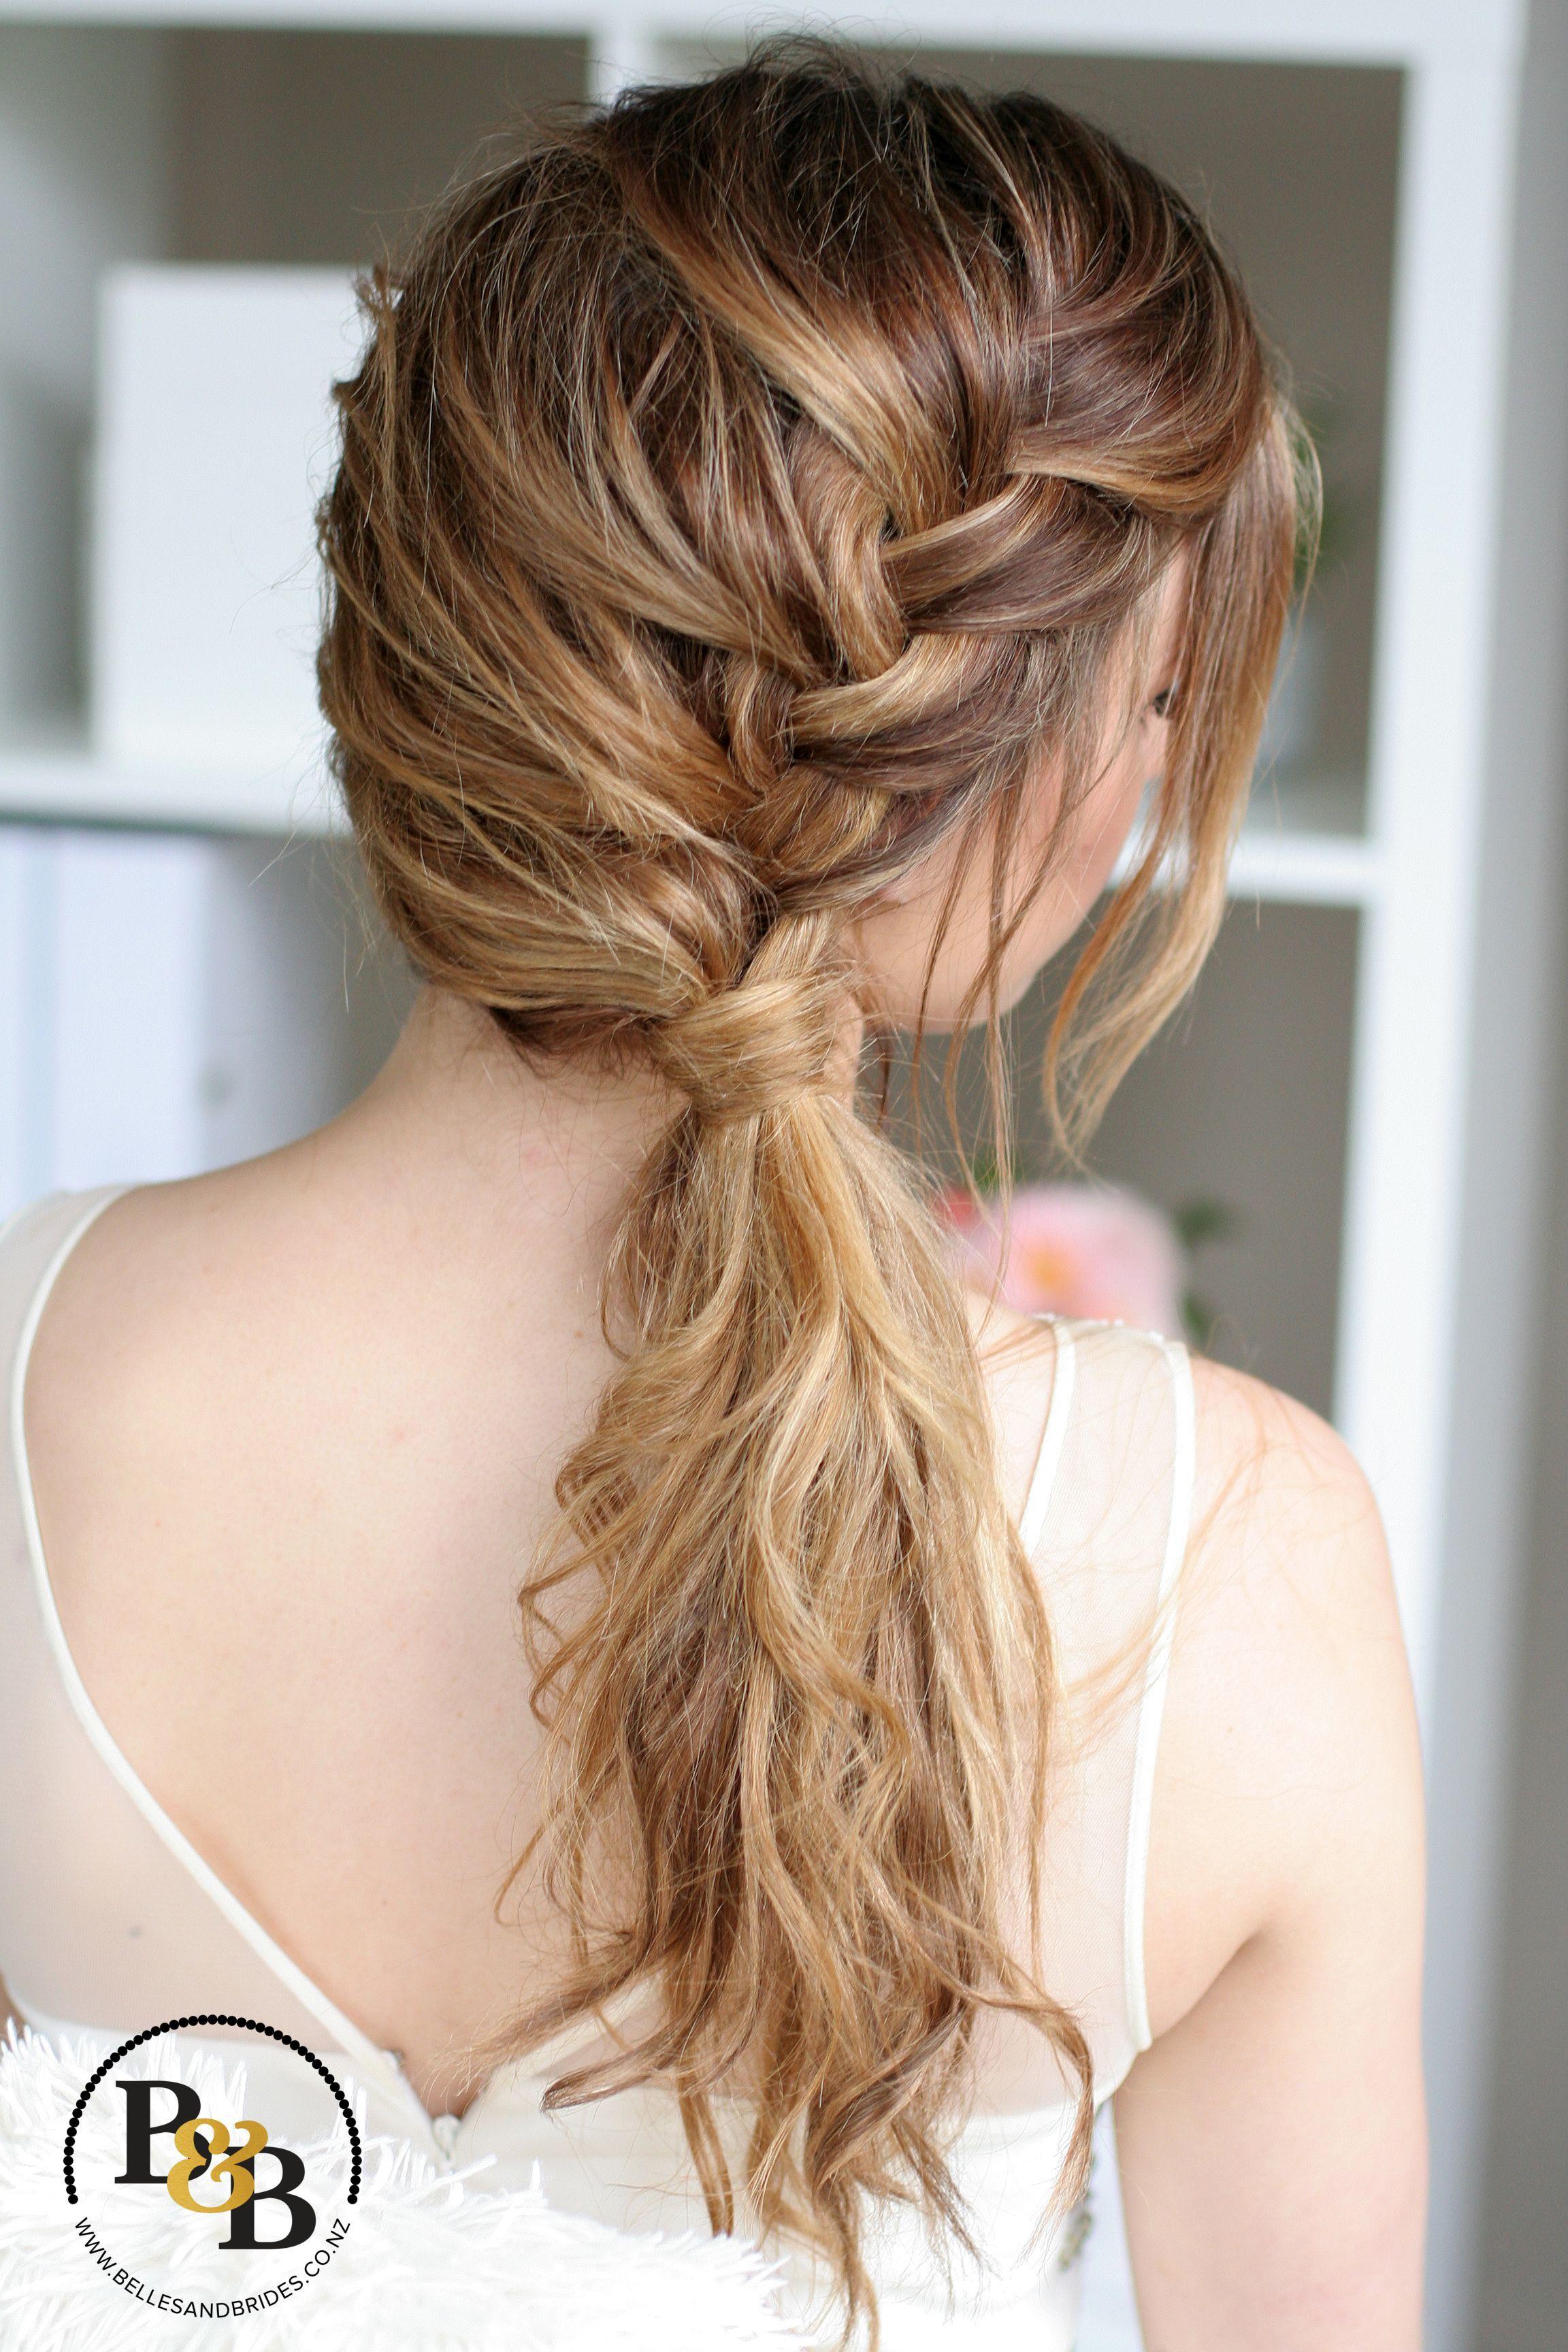 wedding hair down with braid #bridesmaidhairwithbraid